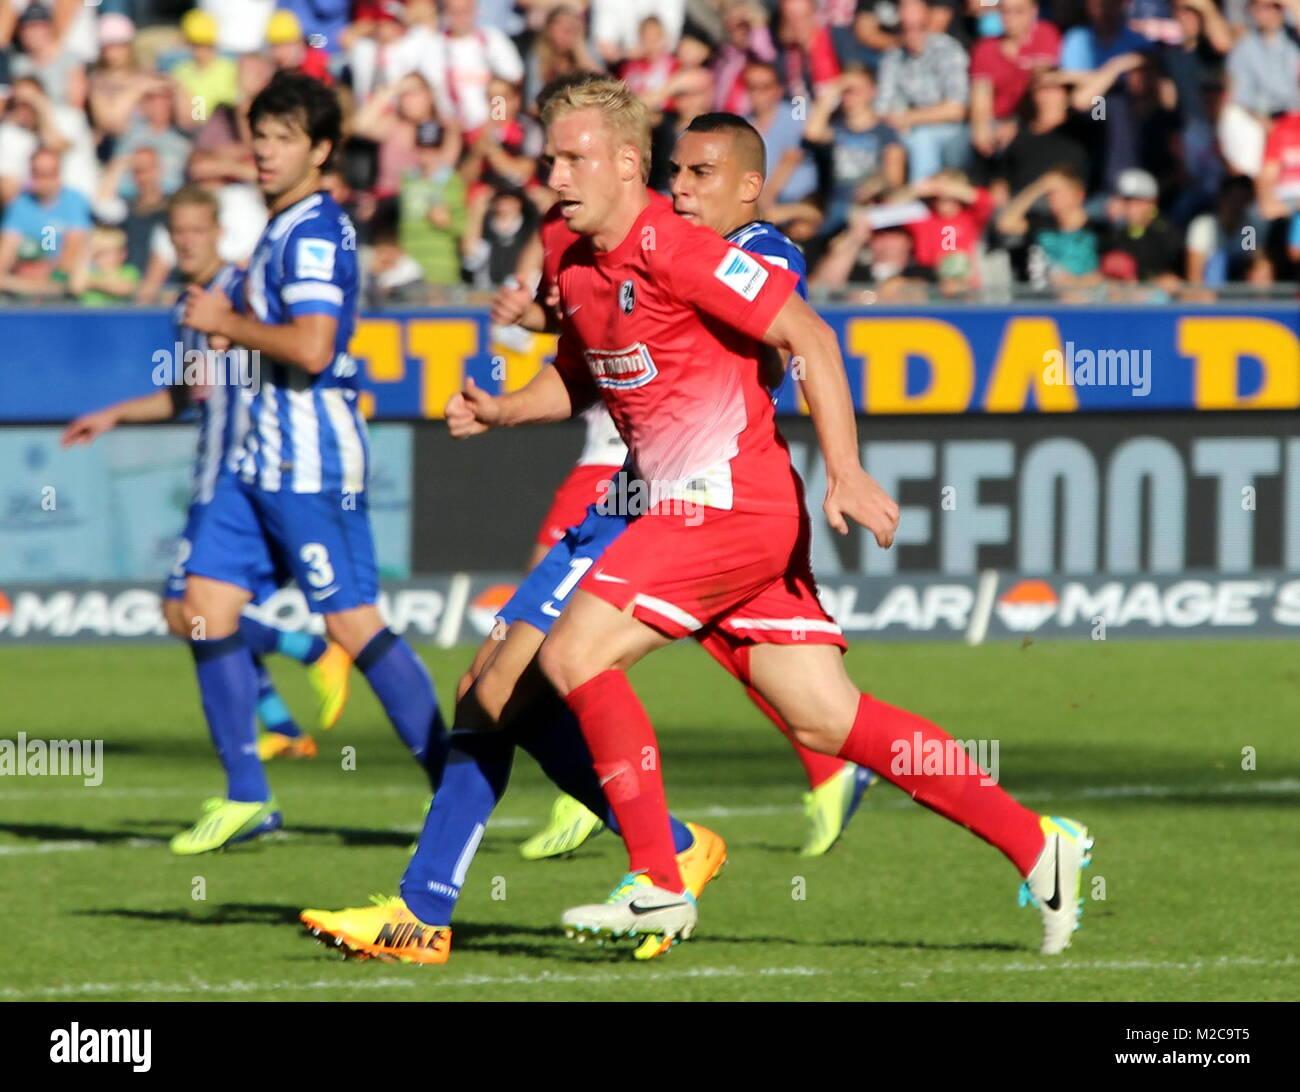 Mike Hanke, Stürmer des SC Freiburg - 1. Fussball-Bundesliga: 6. Sptgt. SC Freiburg vs. Hertha BSC Berlin - Stock Image